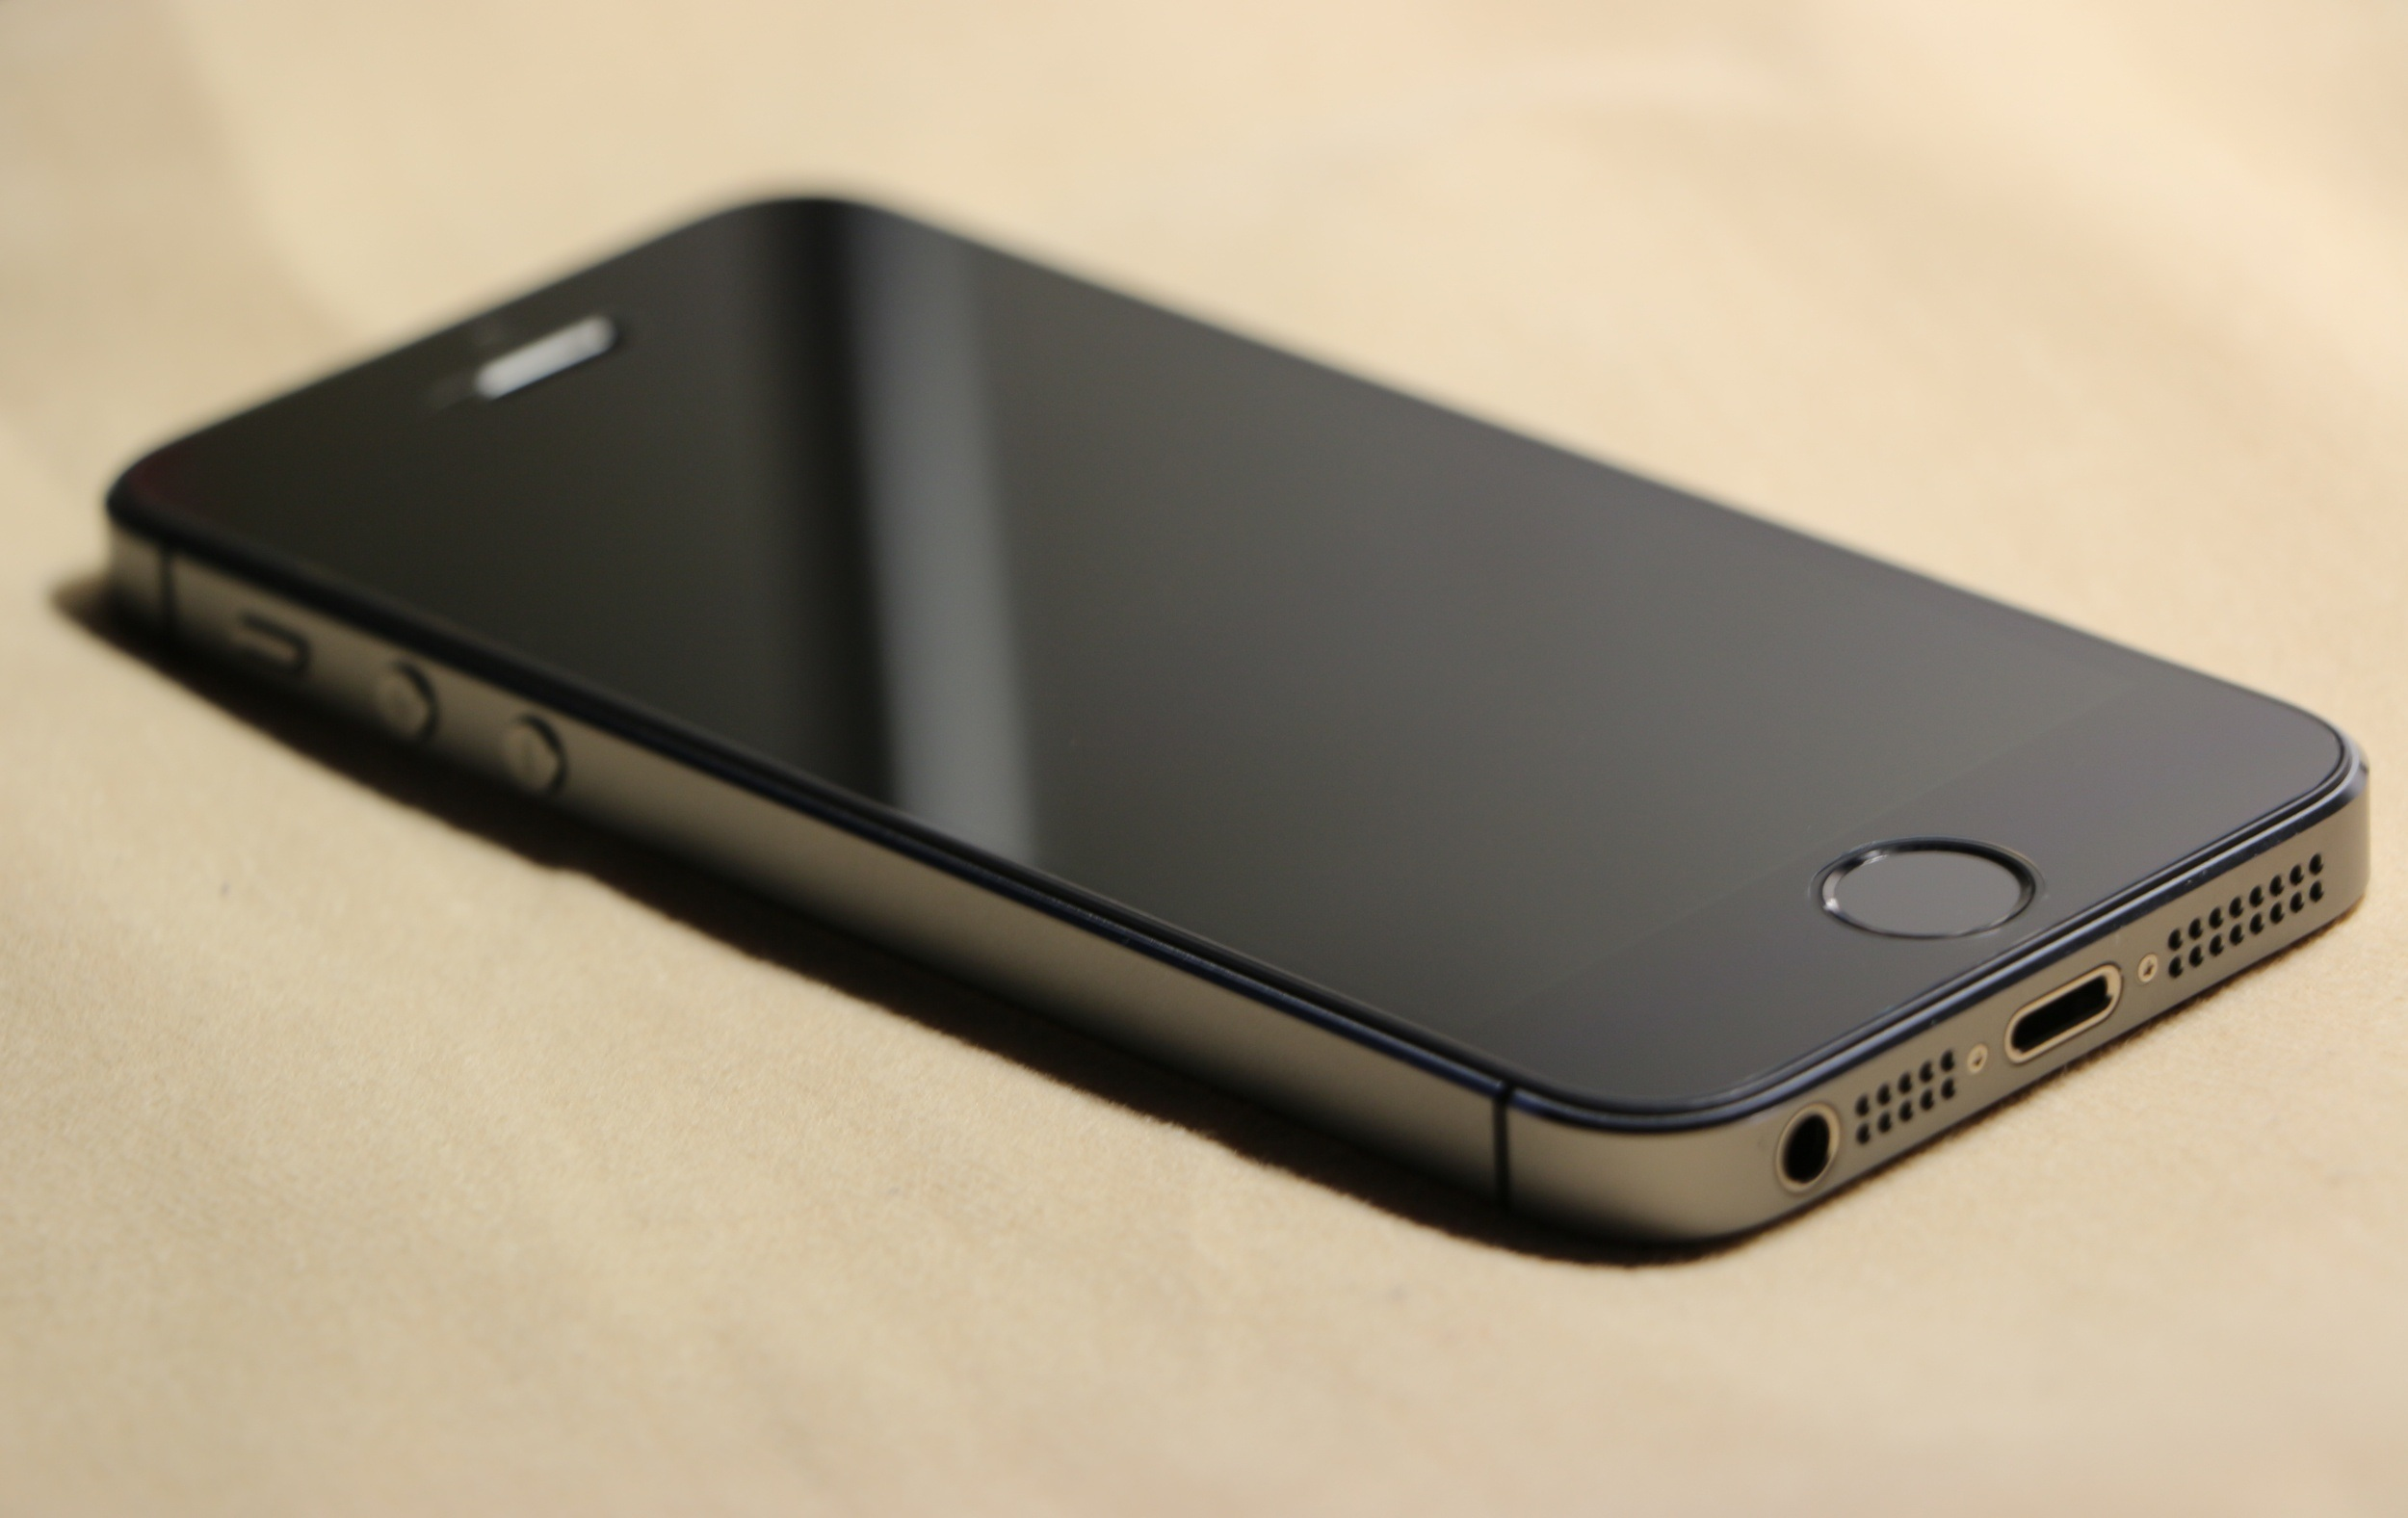 Iphone Price In Iran